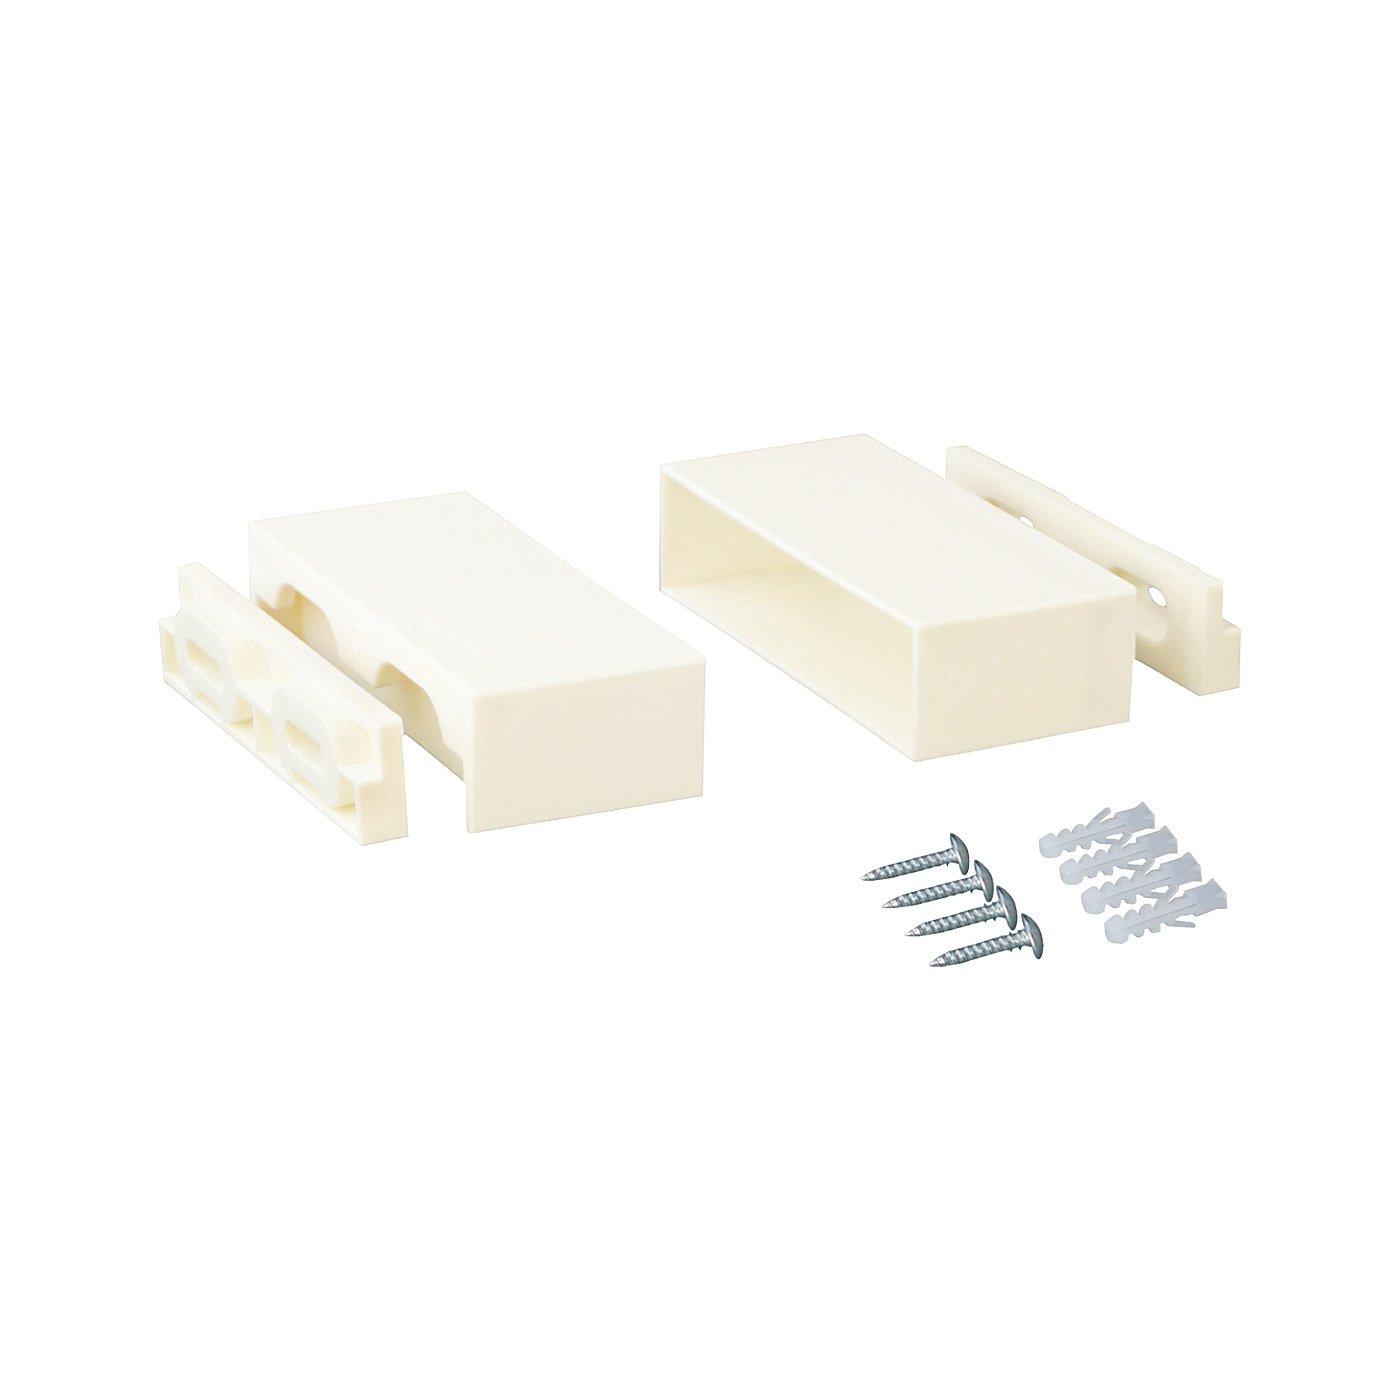 木材1本からはじめるお手軽DIY 棚を増やしてカスタマイズ 1×4棚受用アジャスター〈9.5cm・ホワイト〉